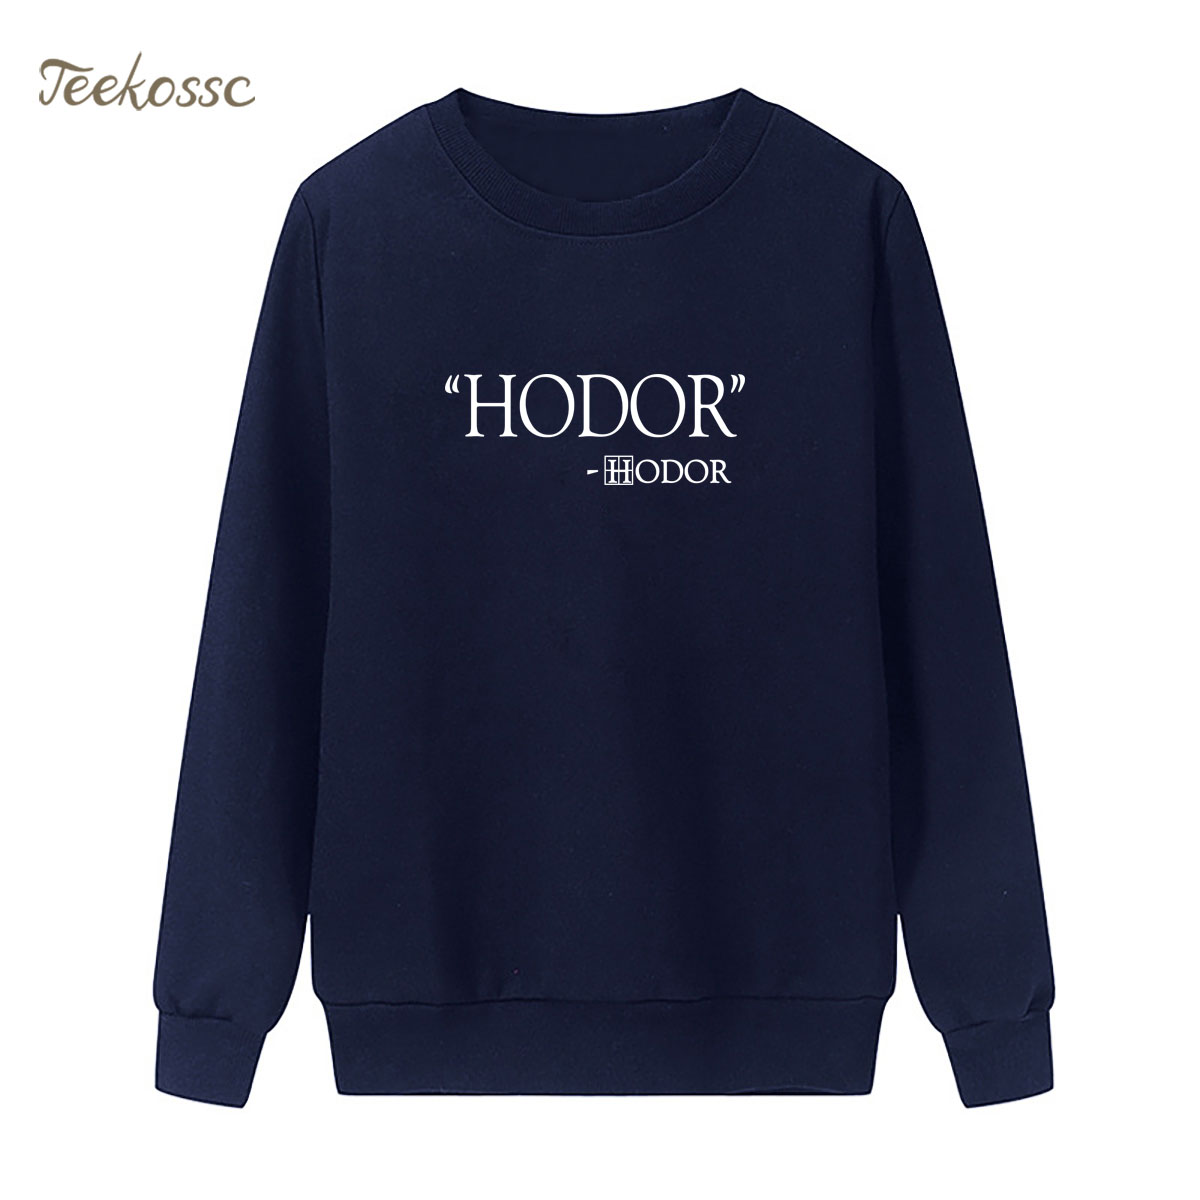 Hodor Hold the door Sweatshirt Print Game of Throne Hoodie 2018 New Winter Autumn Women Lasdies Pullover Loose Fleece Streetwear